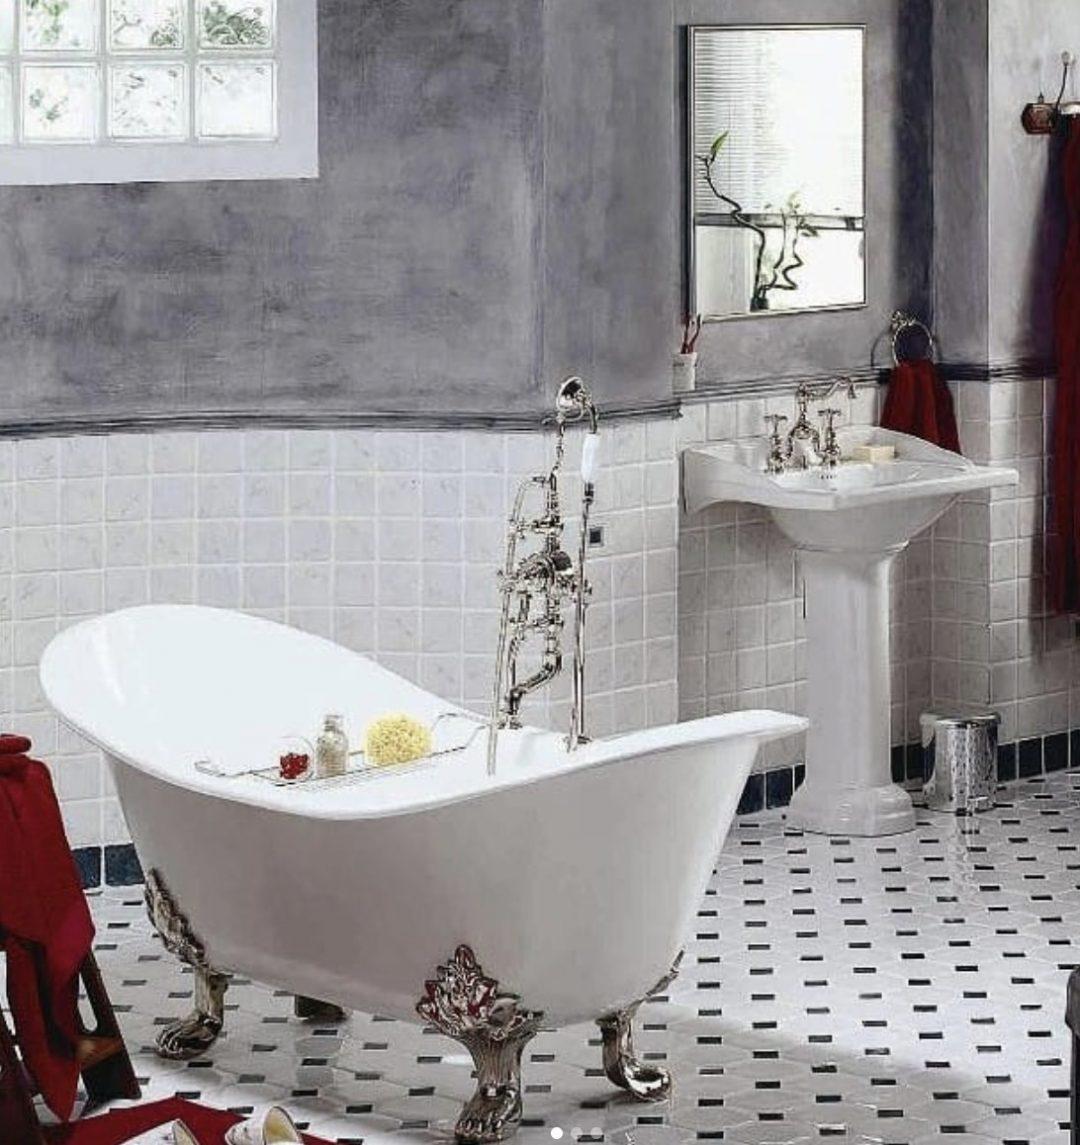 Herbeau - Baignoire en fonte, ambiance rétro dans la salle de bains